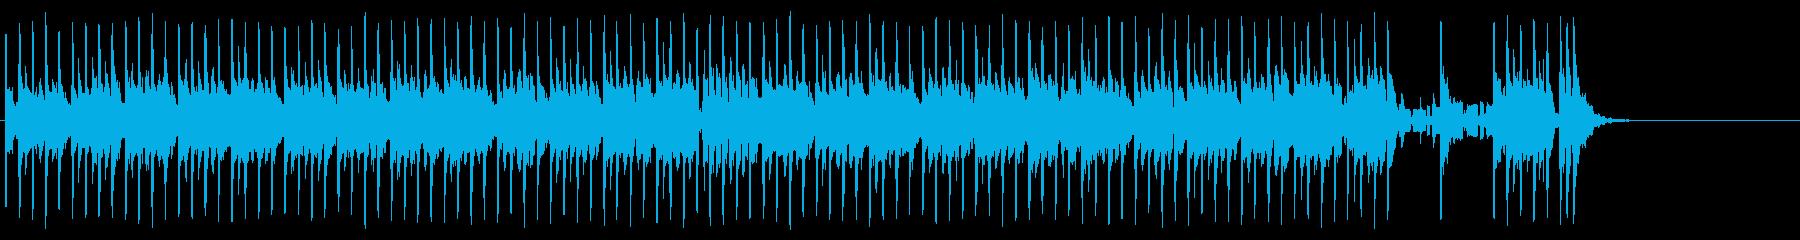 悪戦苦闘するコミカルなポップ/R&Rの再生済みの波形